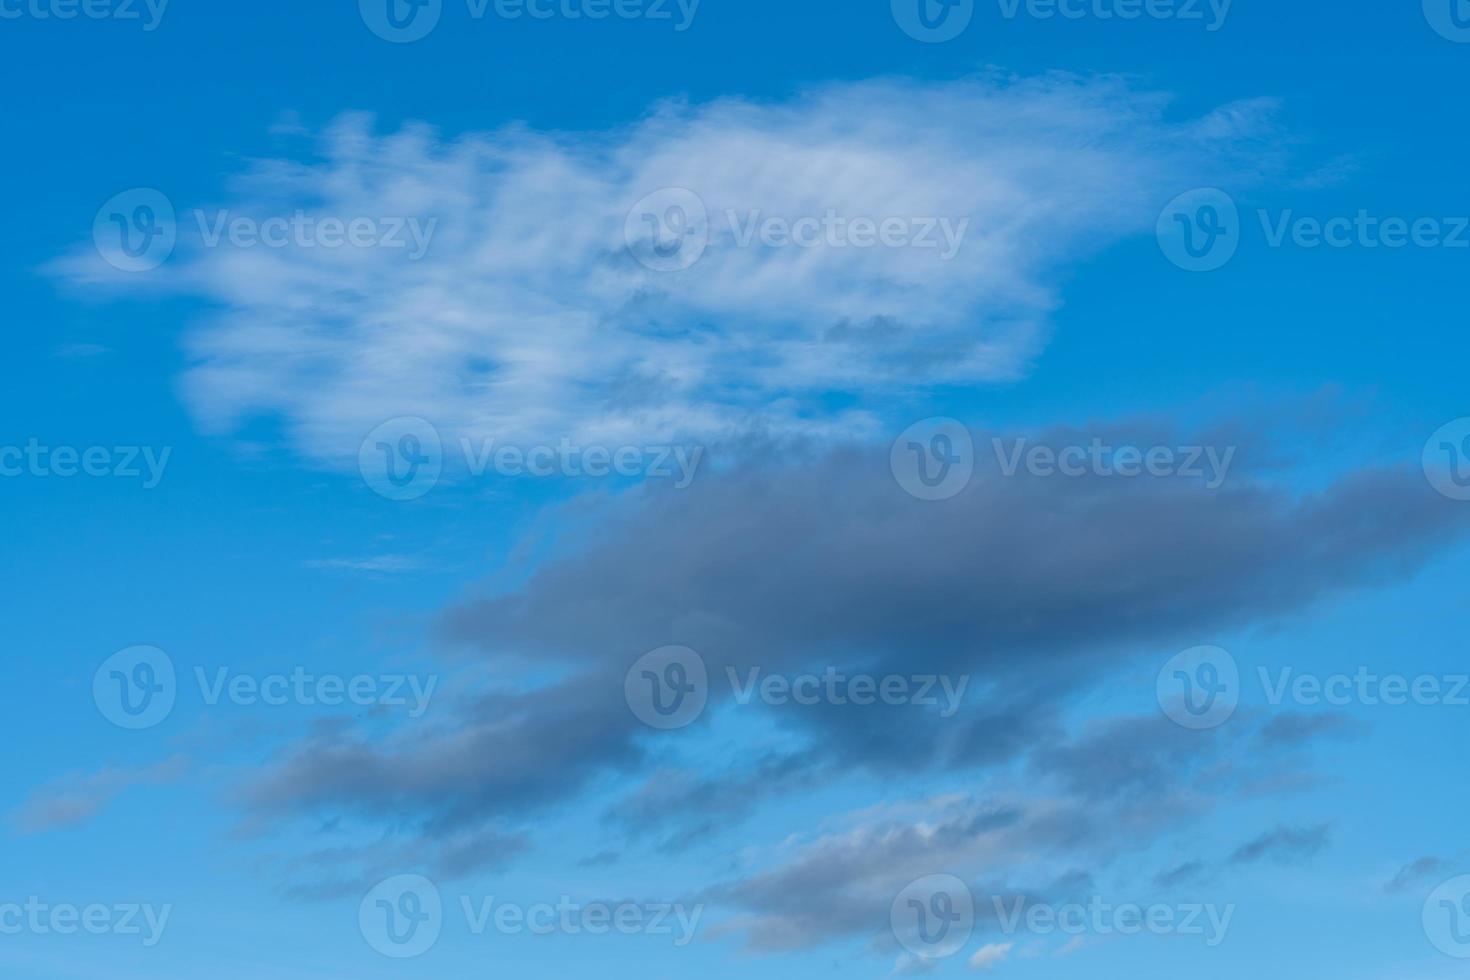 nuvola bianca e grigia in un cielo estivo blu foto